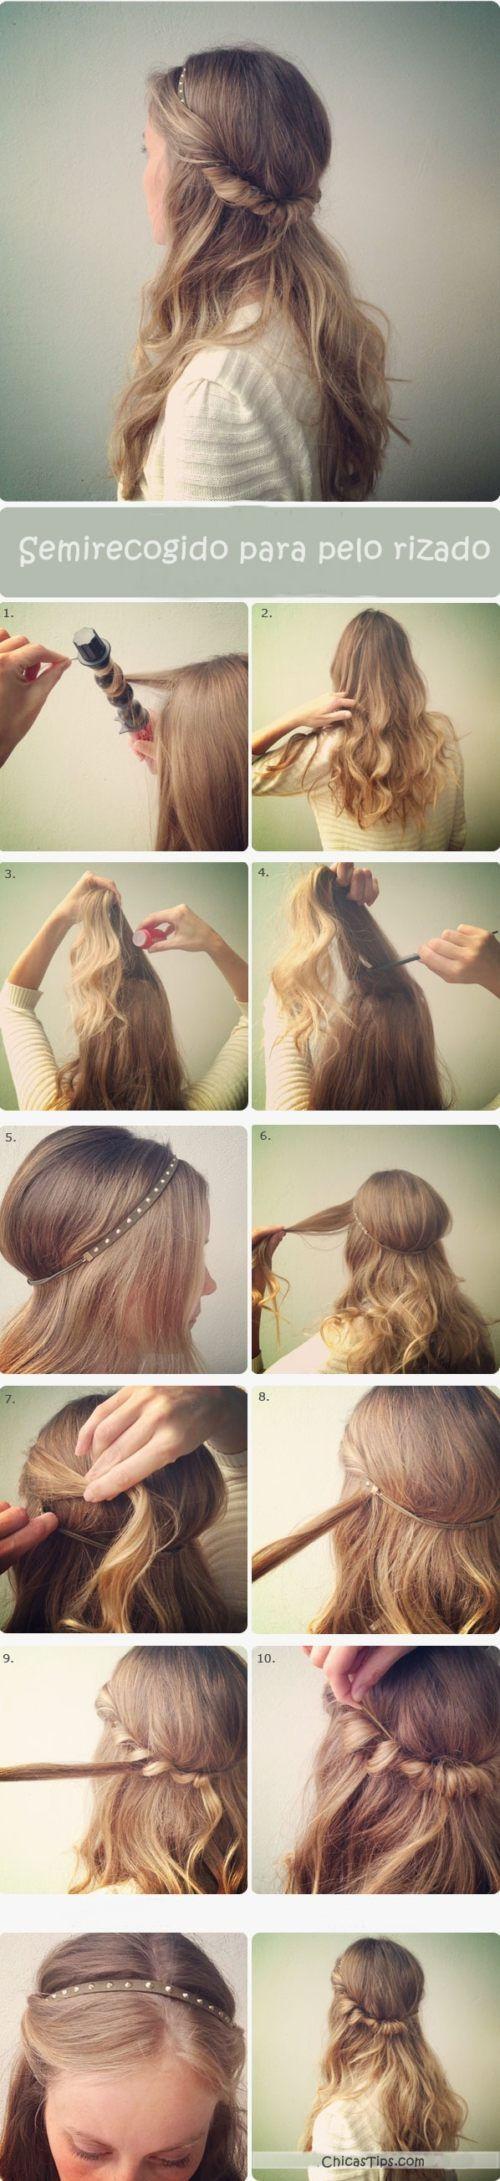 Porque ustedes lo pidieron, hoy les traemos varios peinados para chicas con cabello rizado, además les mostramos paso a paso cómo se hacen para que luzcan maravillosas en poco tiempo.